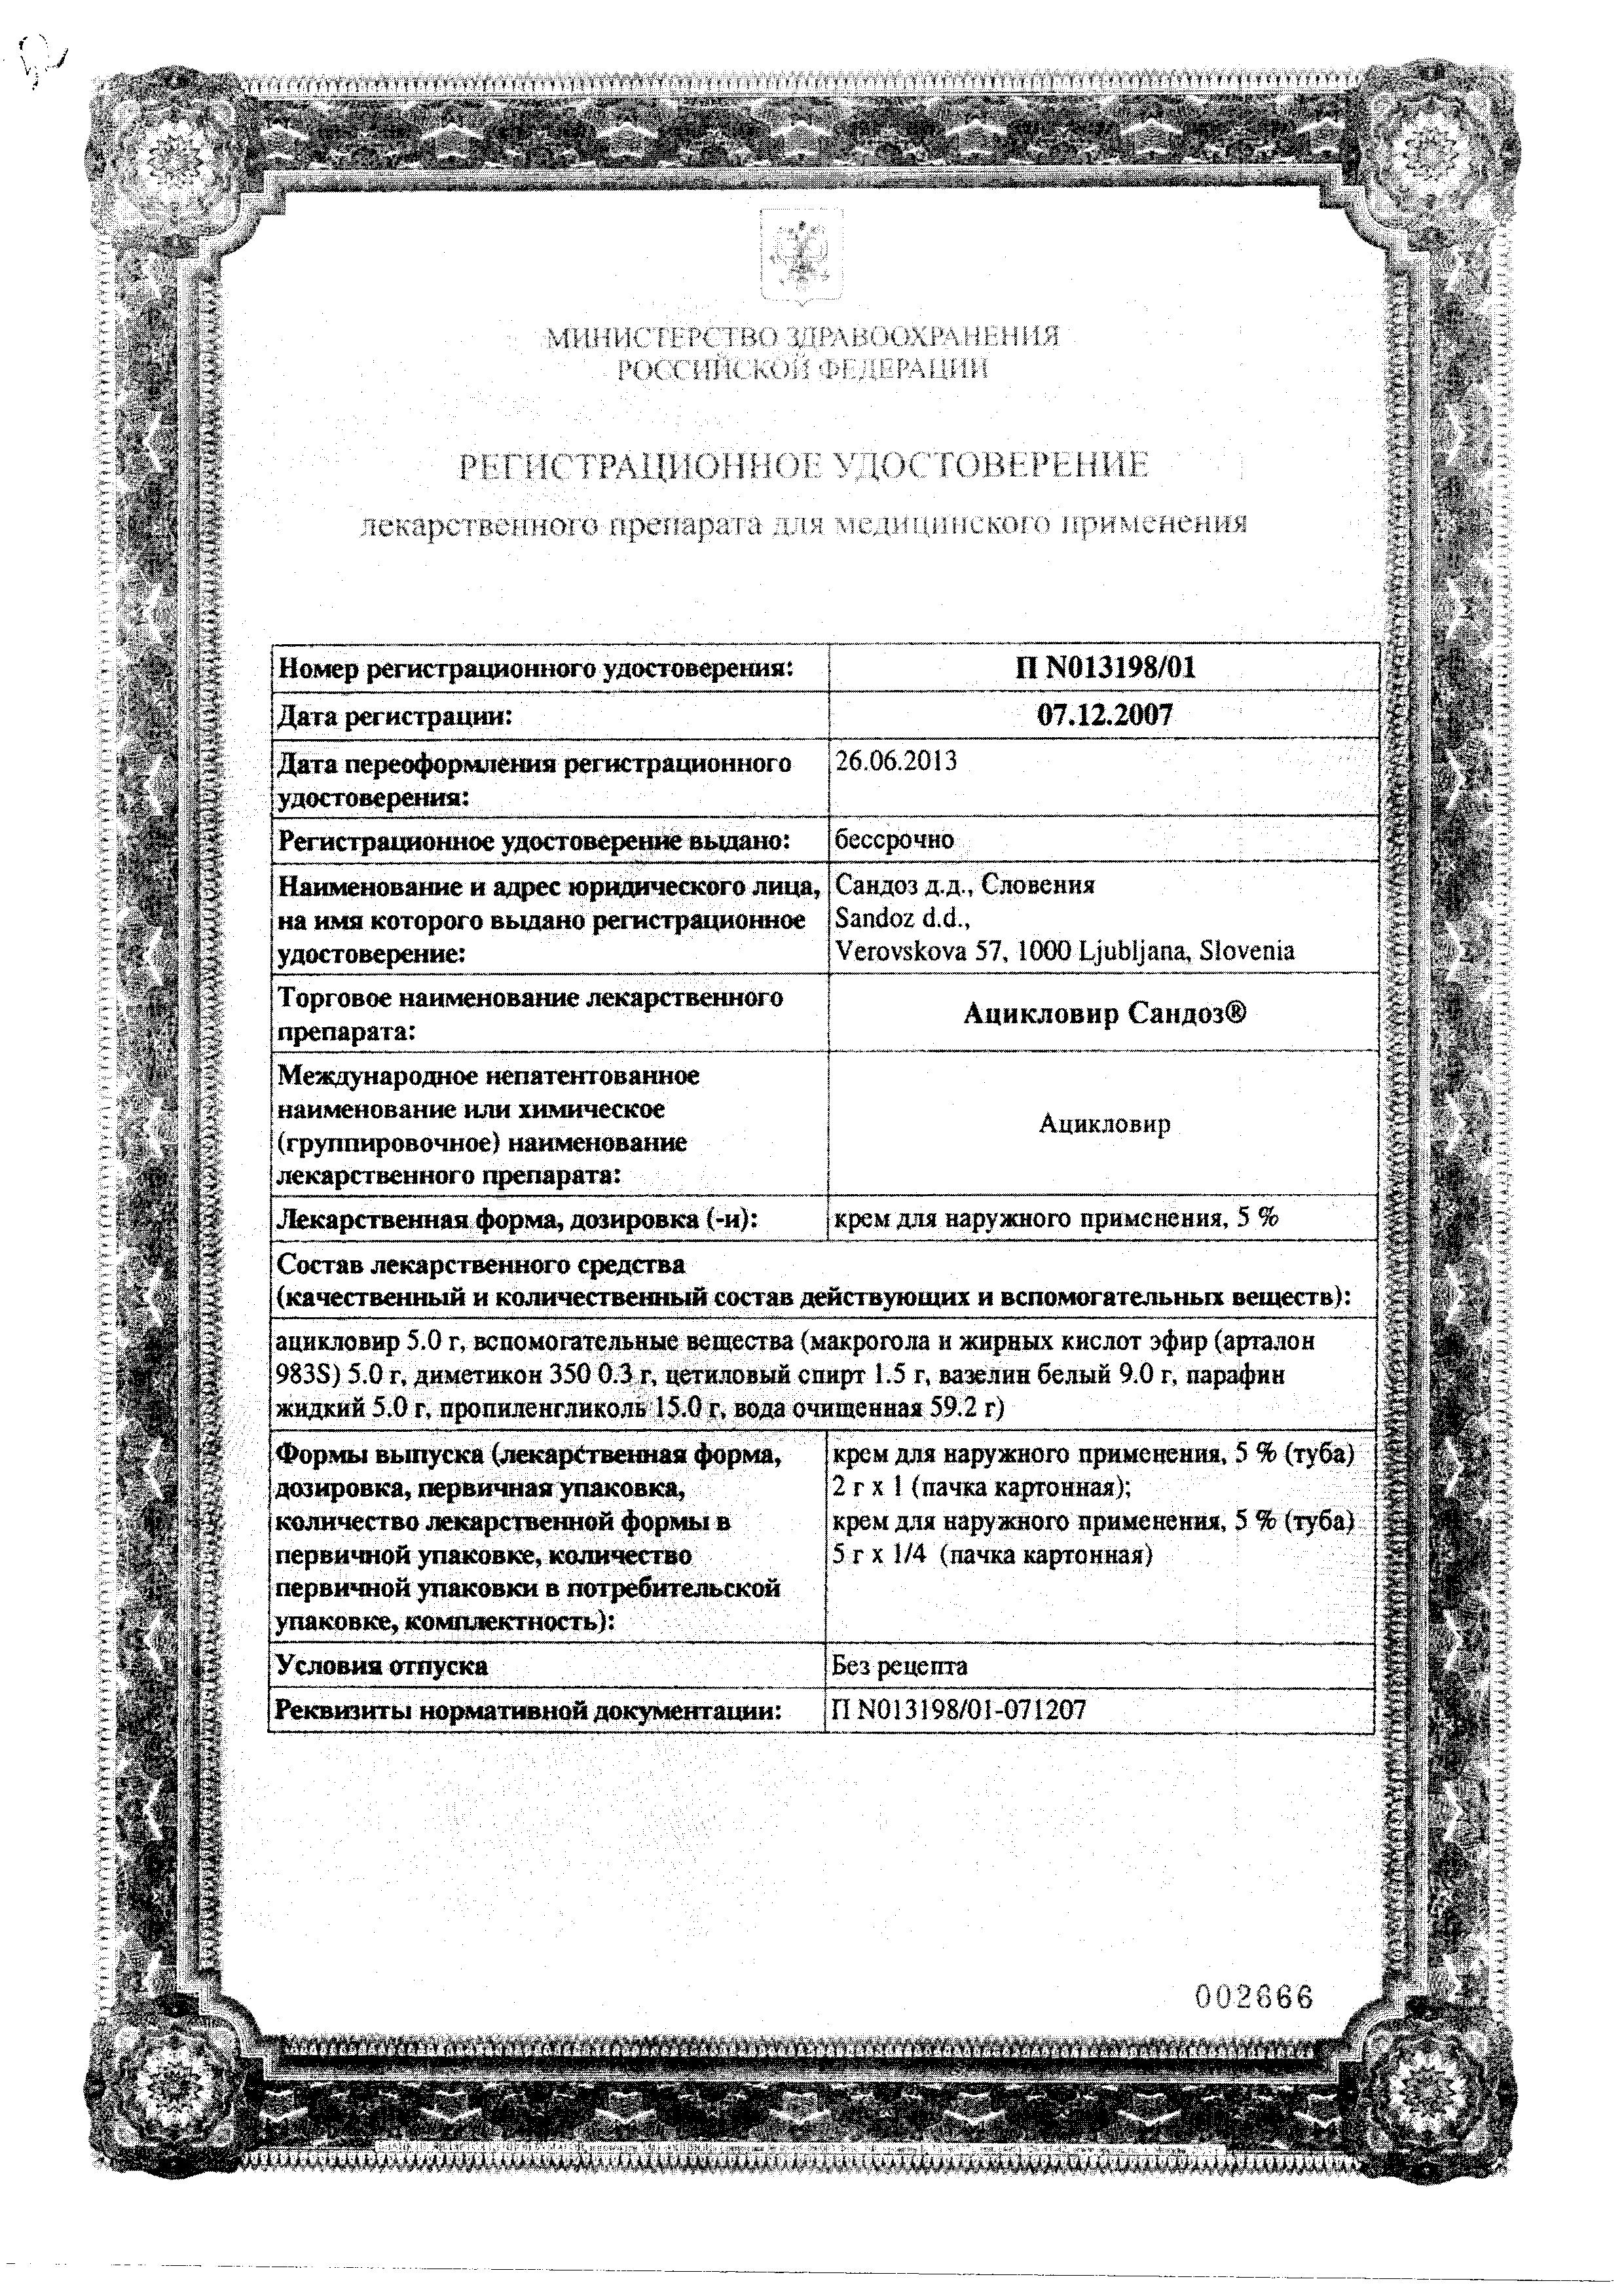 Ацикловир Сандоз (крем) сертификат